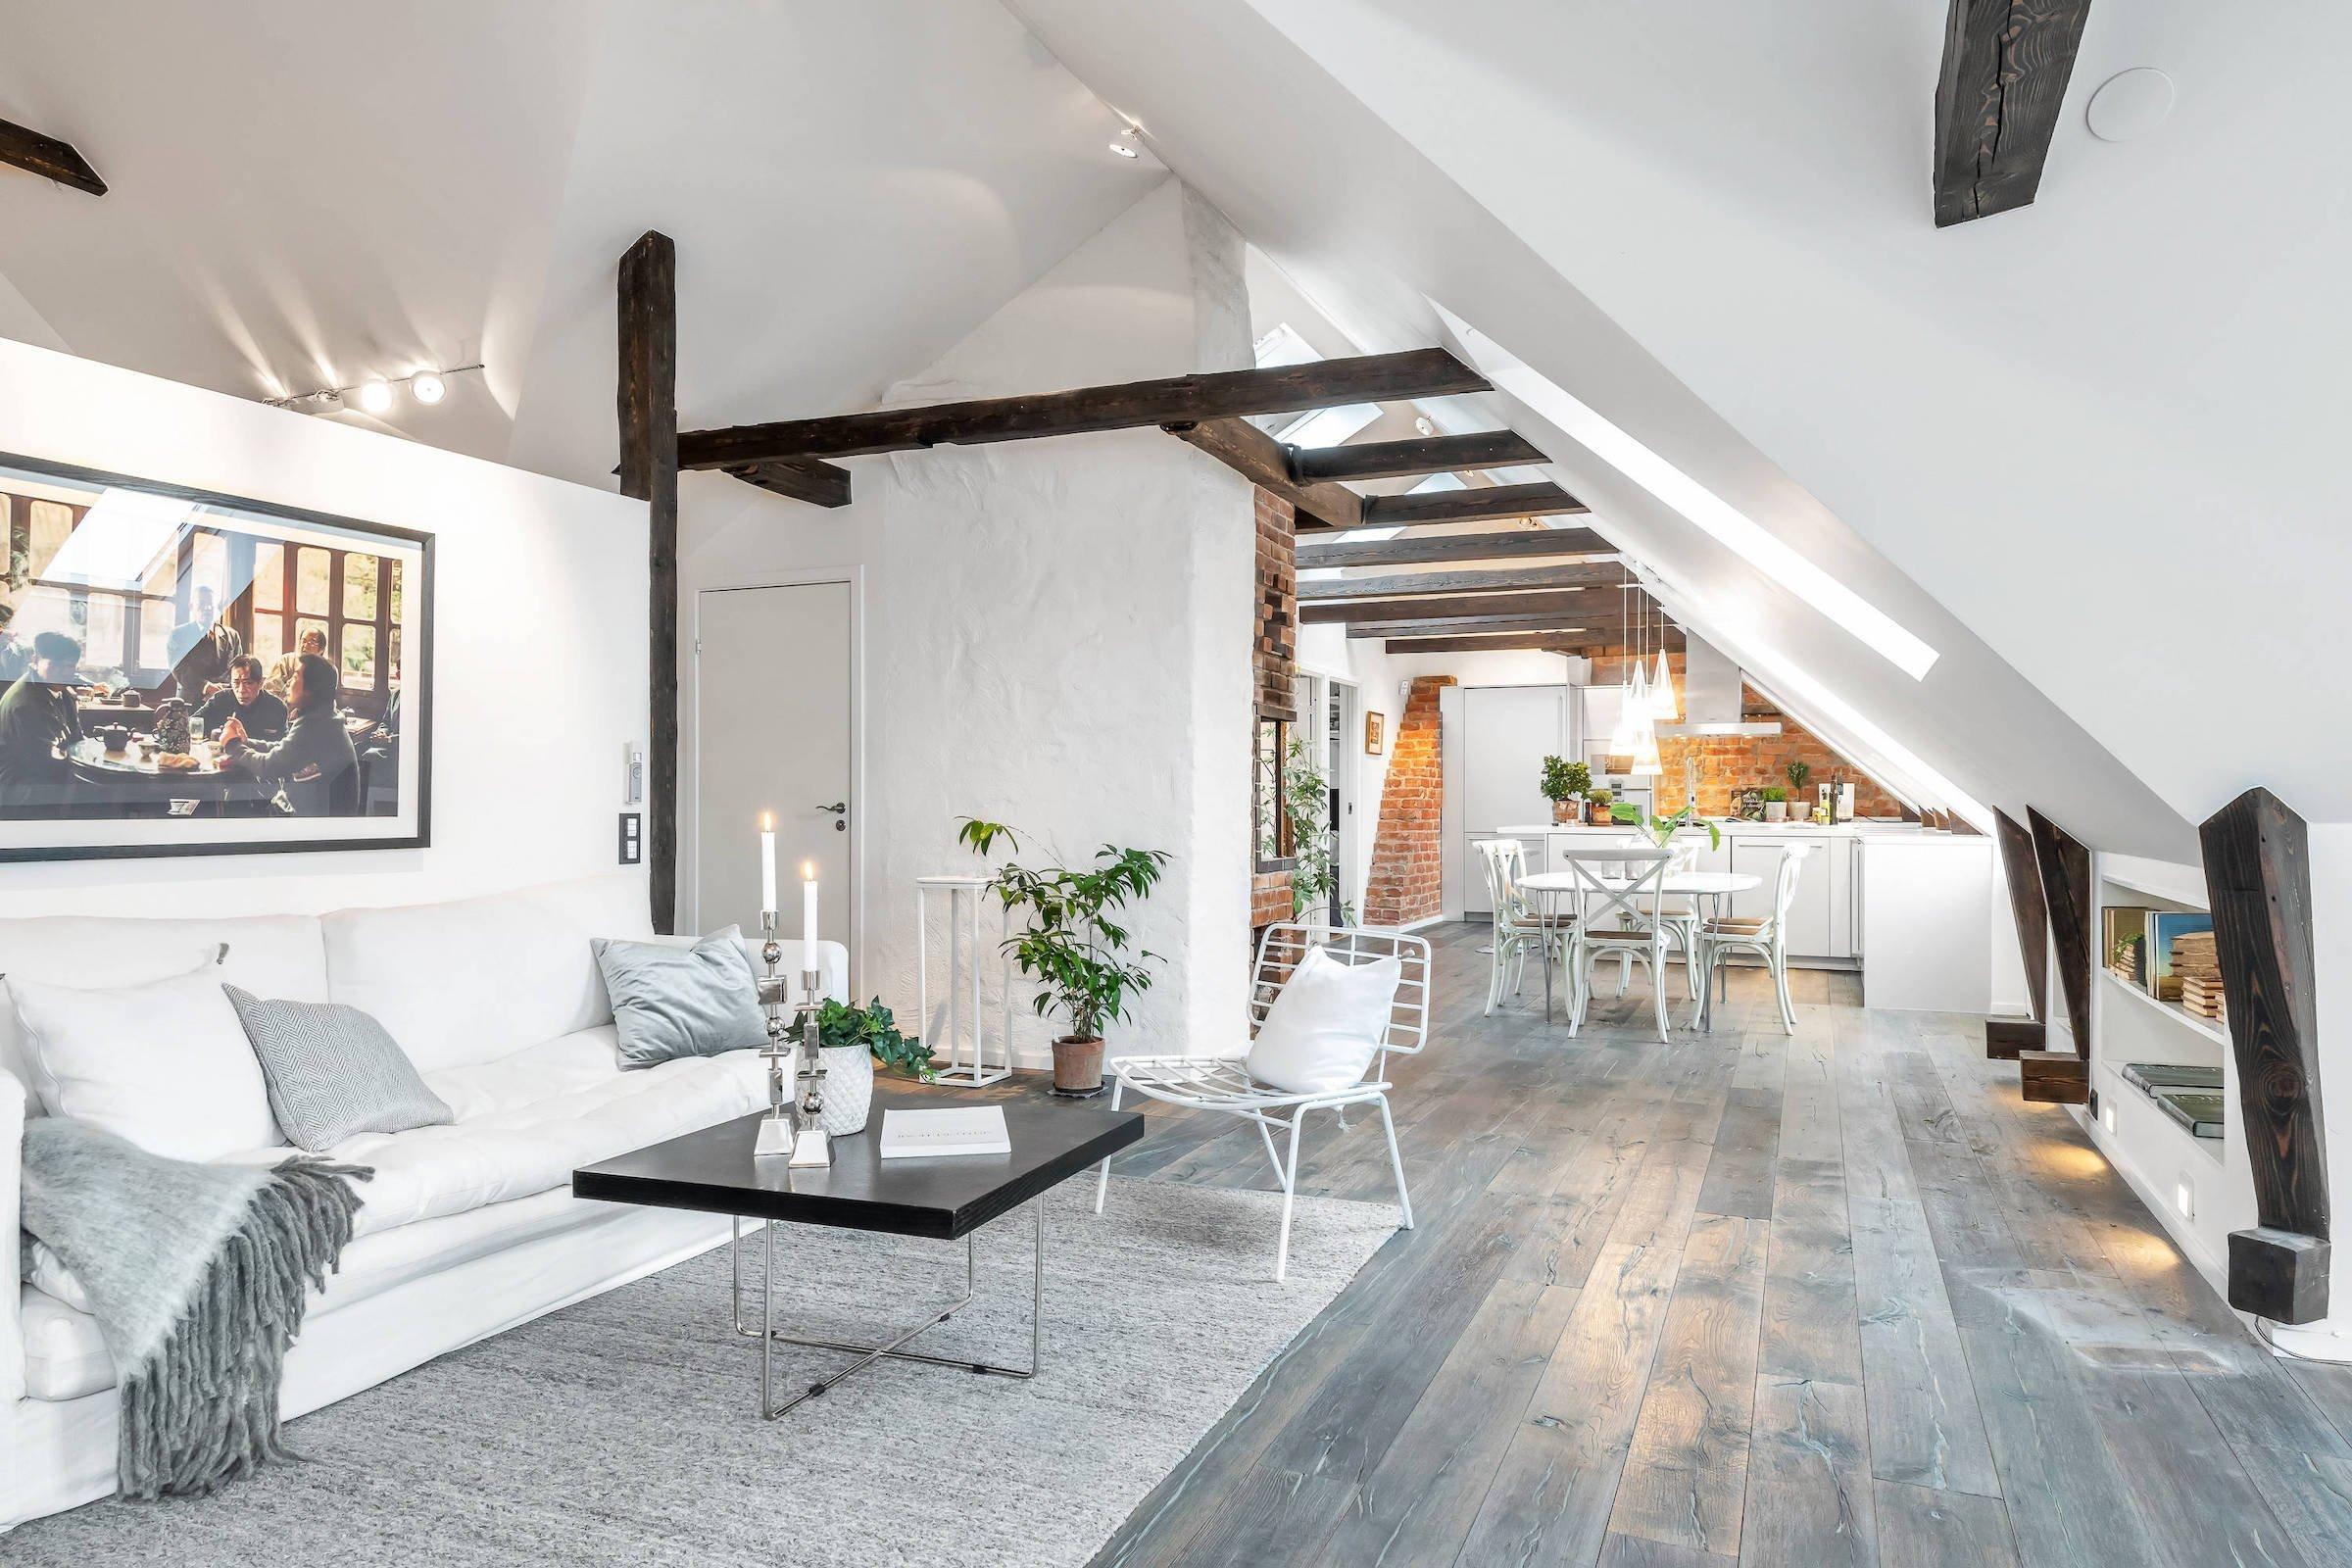 Krásné světlé podkroví se slunnou terasou orientovanou na jih se nachází v samém srdci Švédska, ve Stockholmu. Kromě převahy čistě bílé barvy a velkorysého prostoru zaujmou návštěvníky tohoto podkrovního bytu především zachované původní prvky, mezi které patří trámové stropy, cihlové zdi a krb.